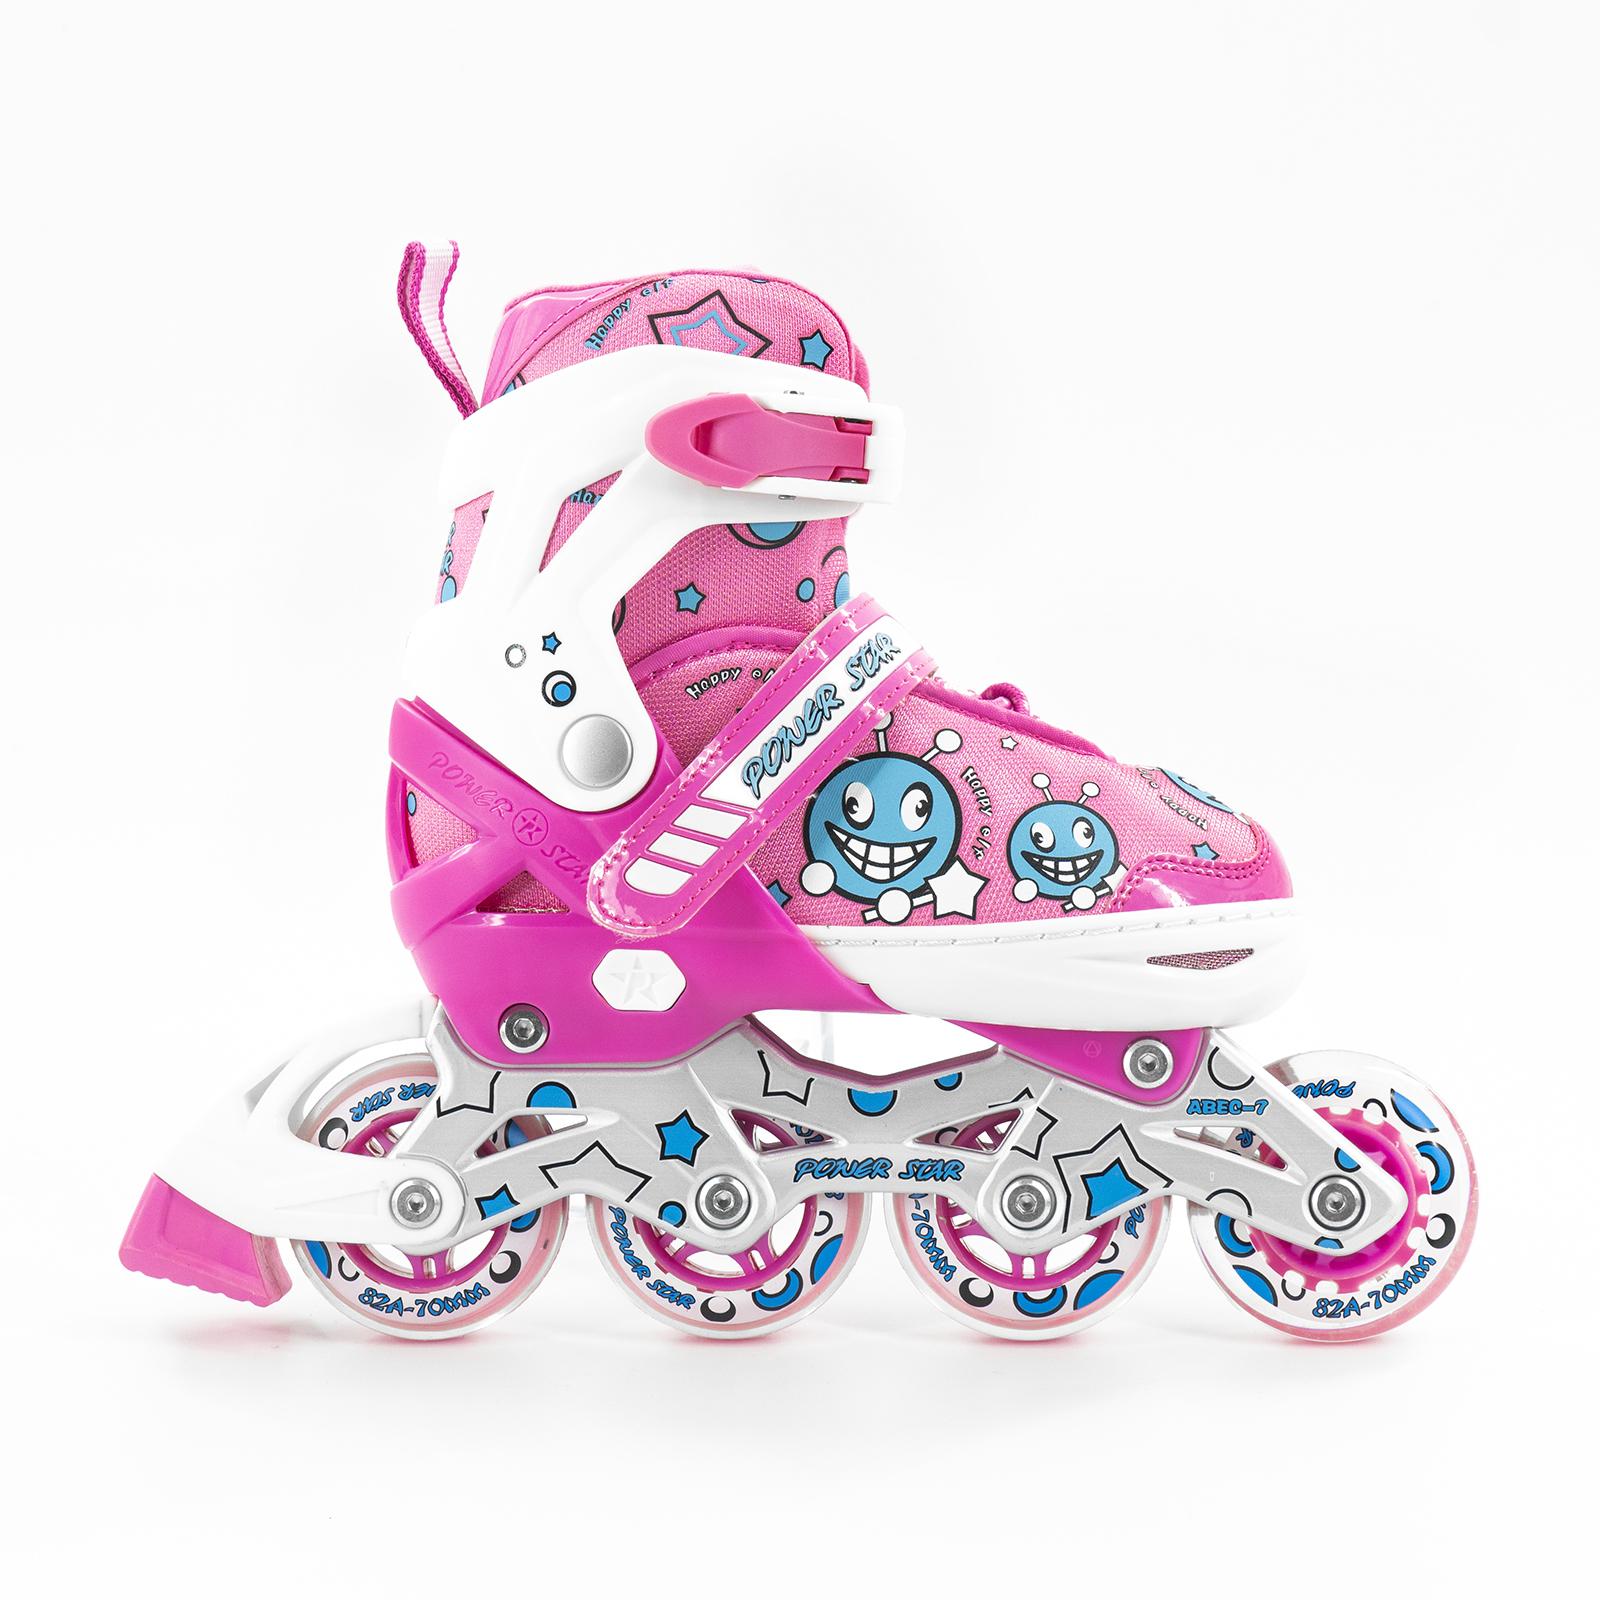 COMBO Giày trượt patin  Power Star Baby phù hợp cho bé từ  3 tuổi đến 14 tuổi có thể điều chình 3 size (gồm giày + bảo hộ tay chân 6 món + mũ bảo hộ)